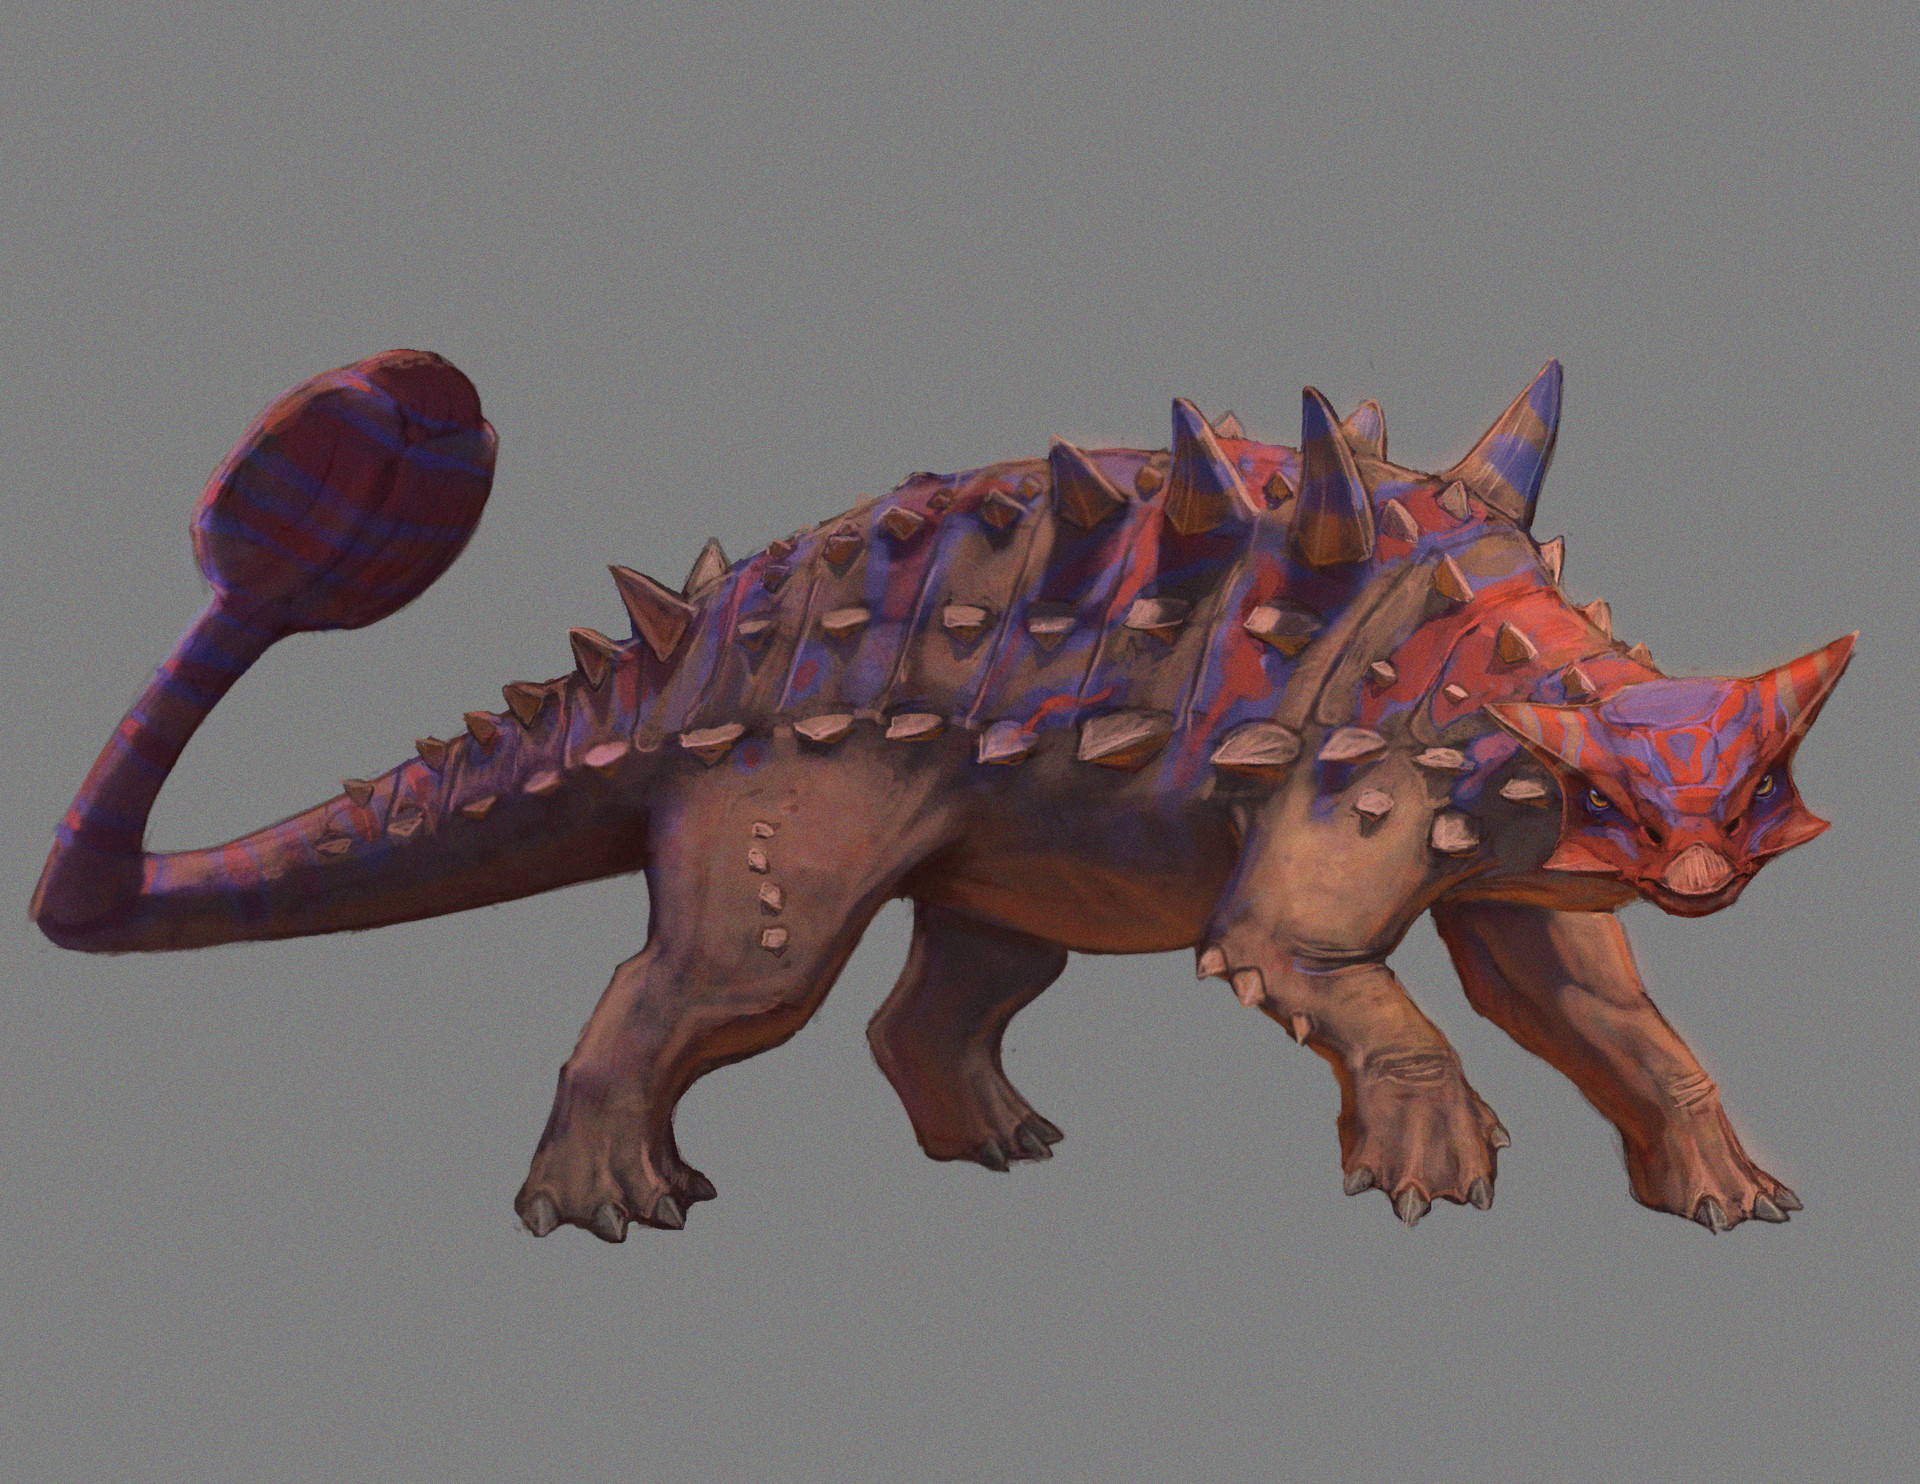 Pablo rivera ankylosaurus